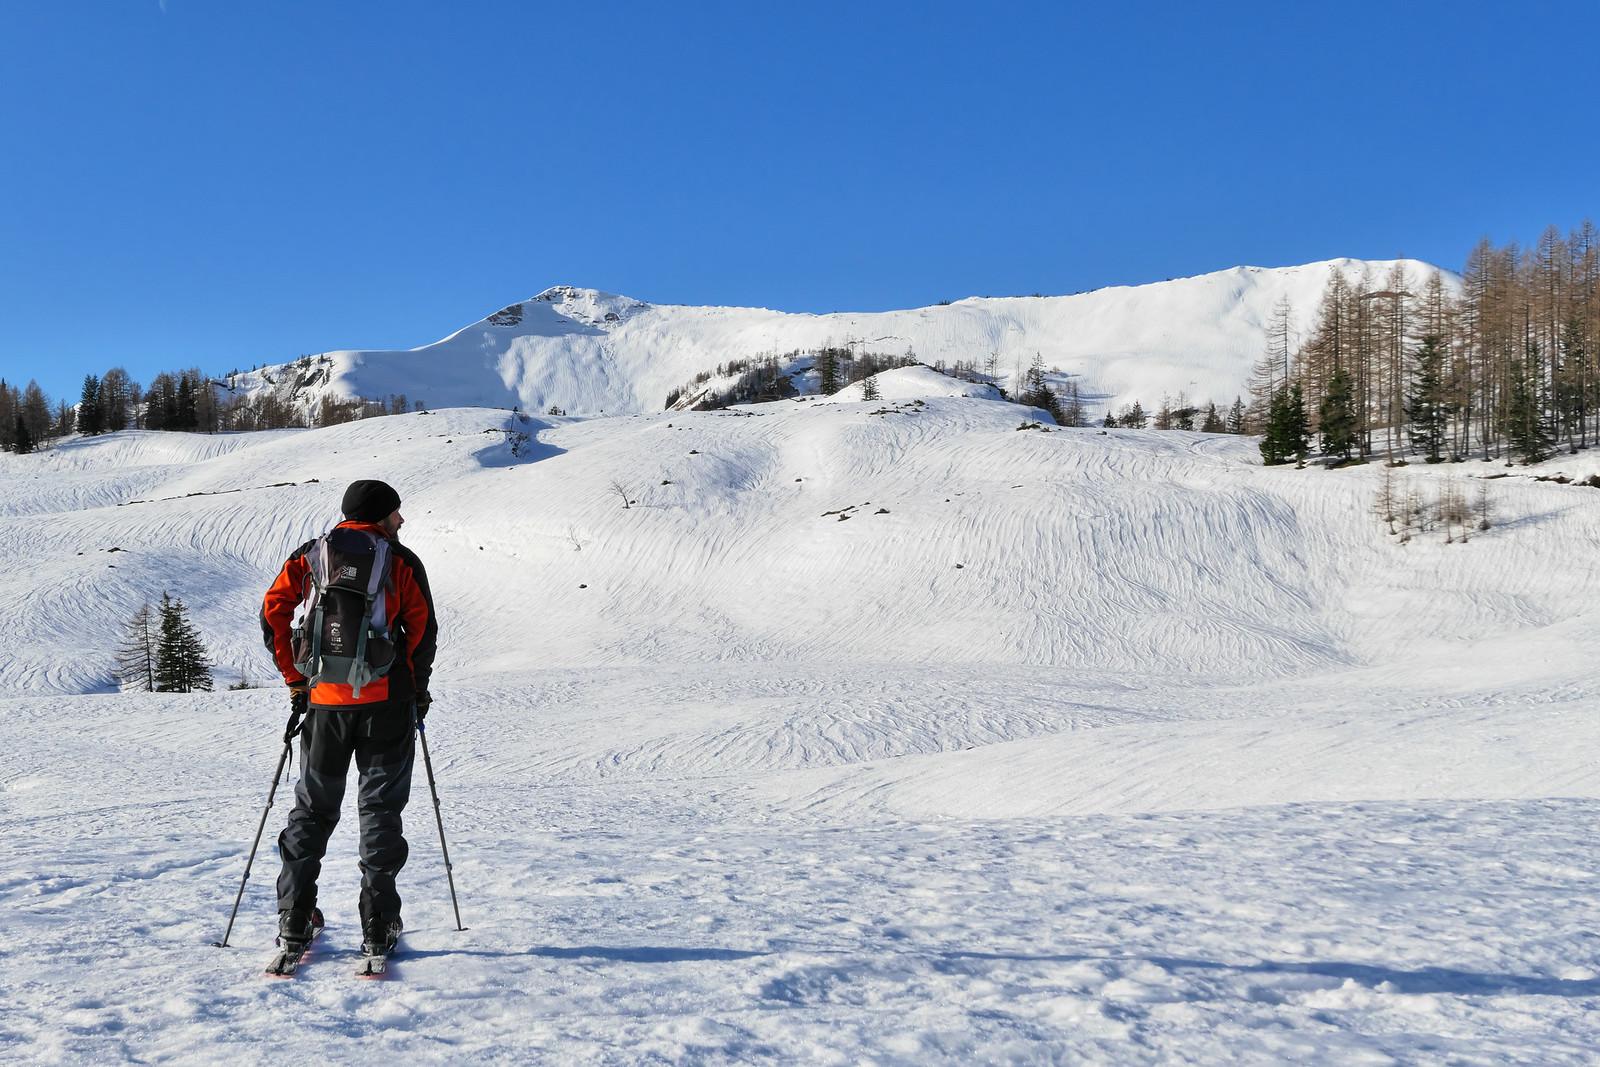 Zdecimovaná sněhová pokrývka